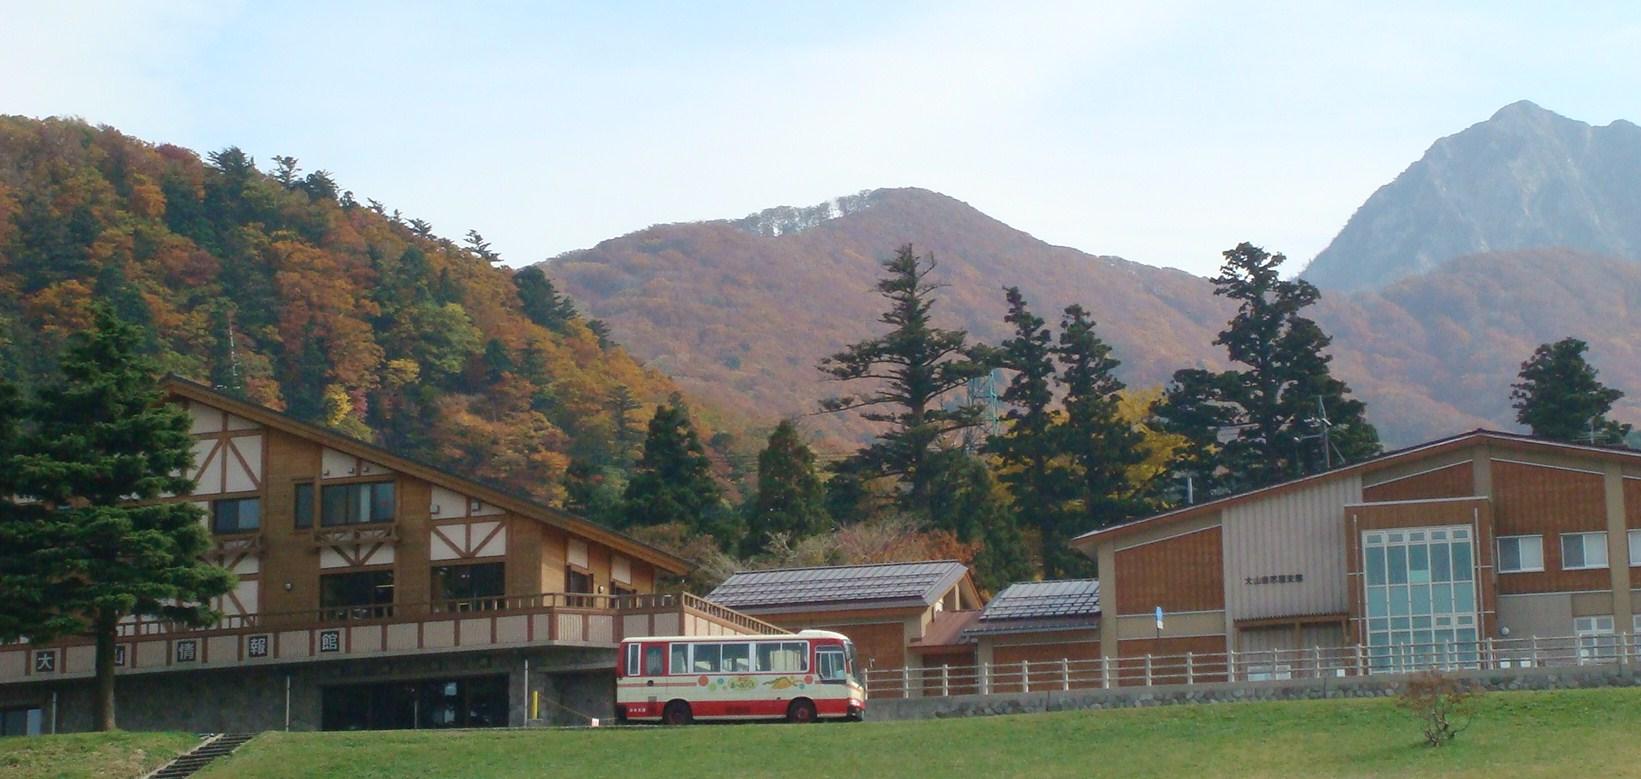 大山寺の駐車場から、